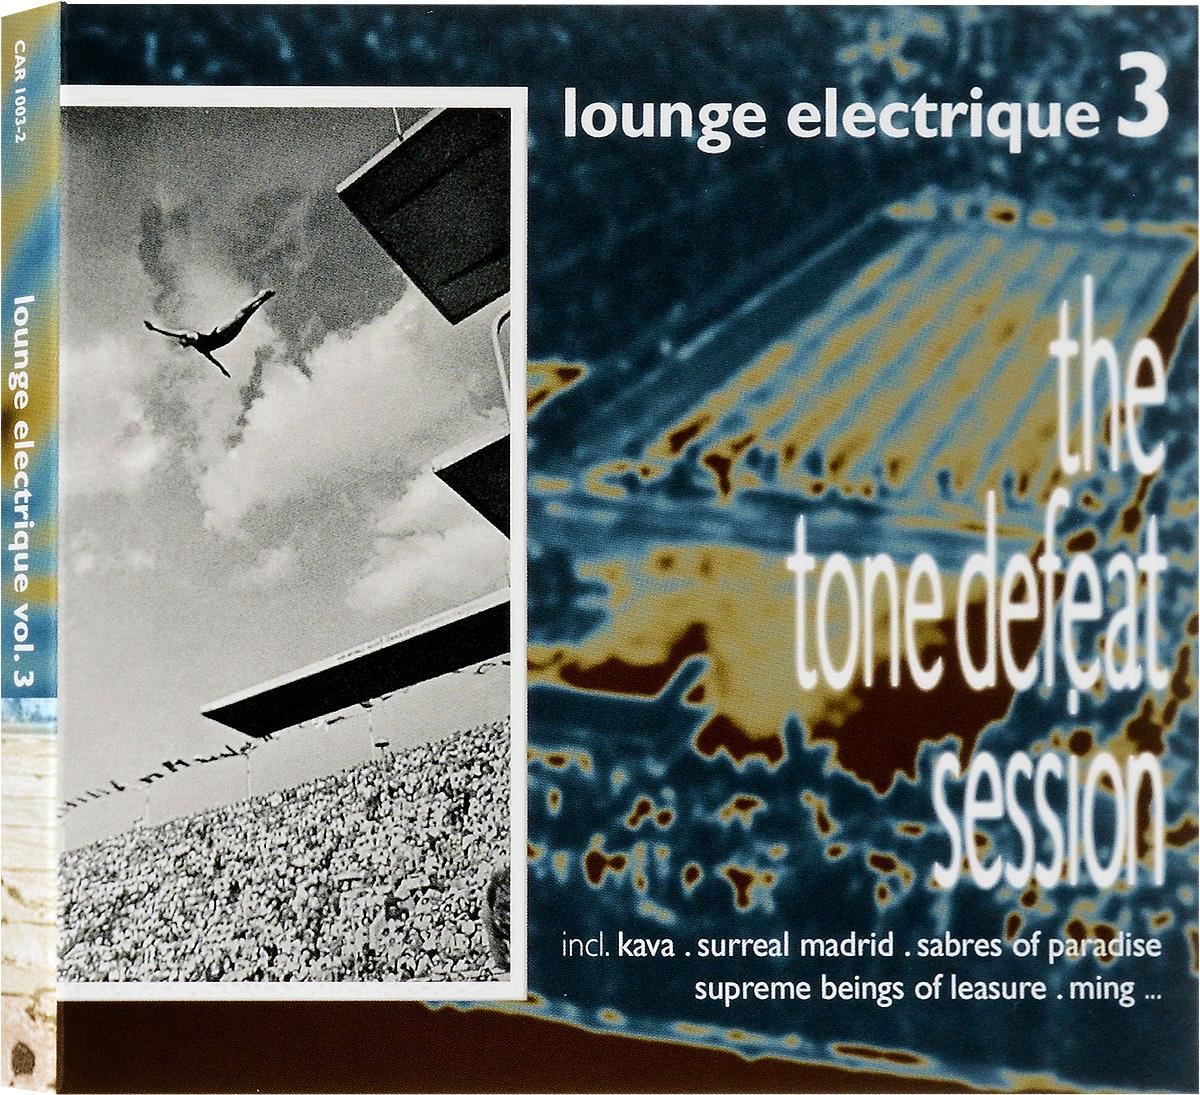 Lounge Electrique. Vol. 3 2002 Audio CD